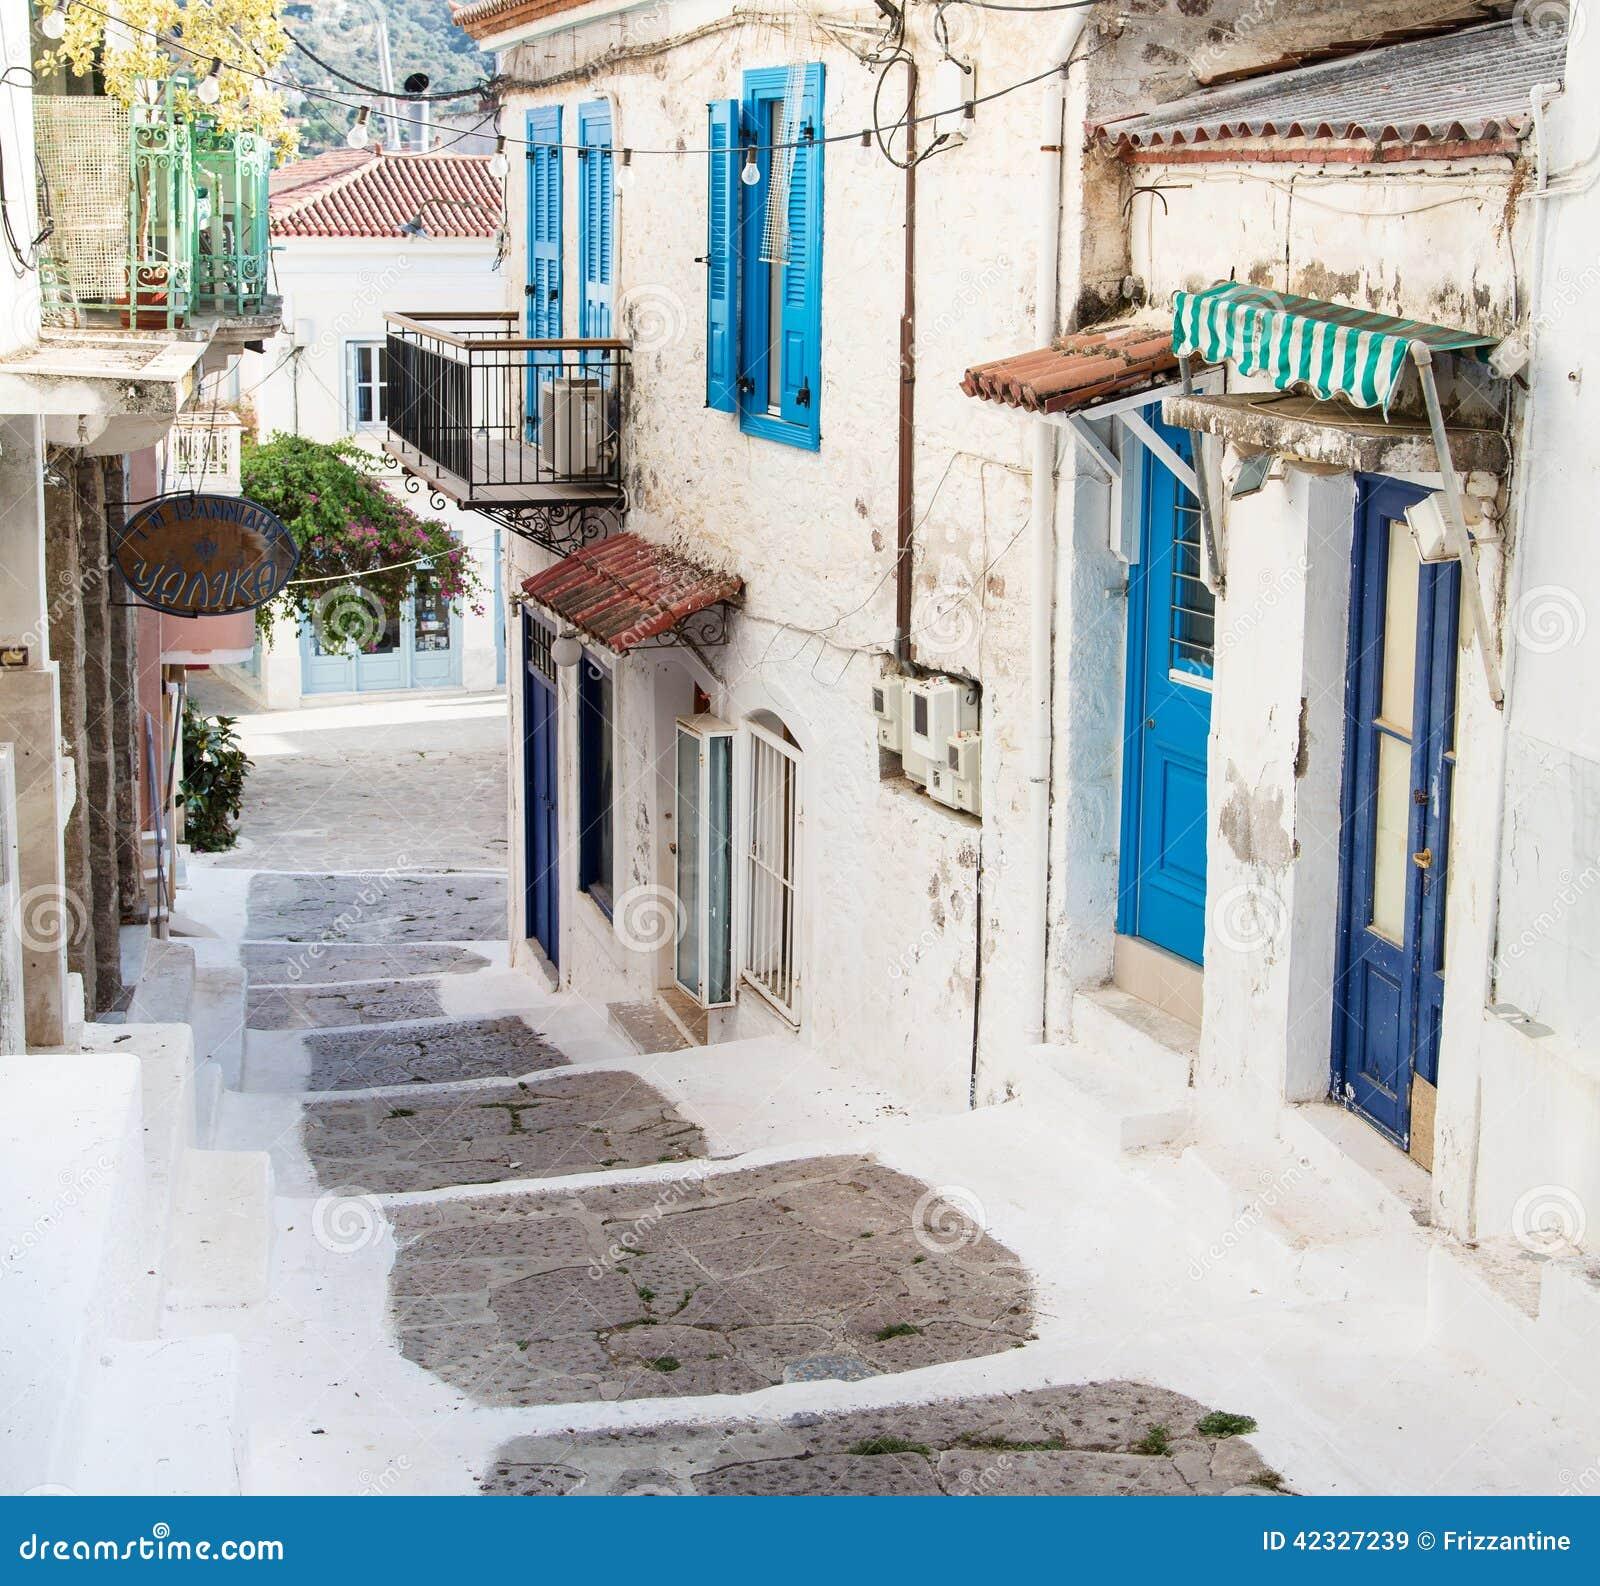 Case tradizionali sulle isole greche nei colori blu for Case tradizionali